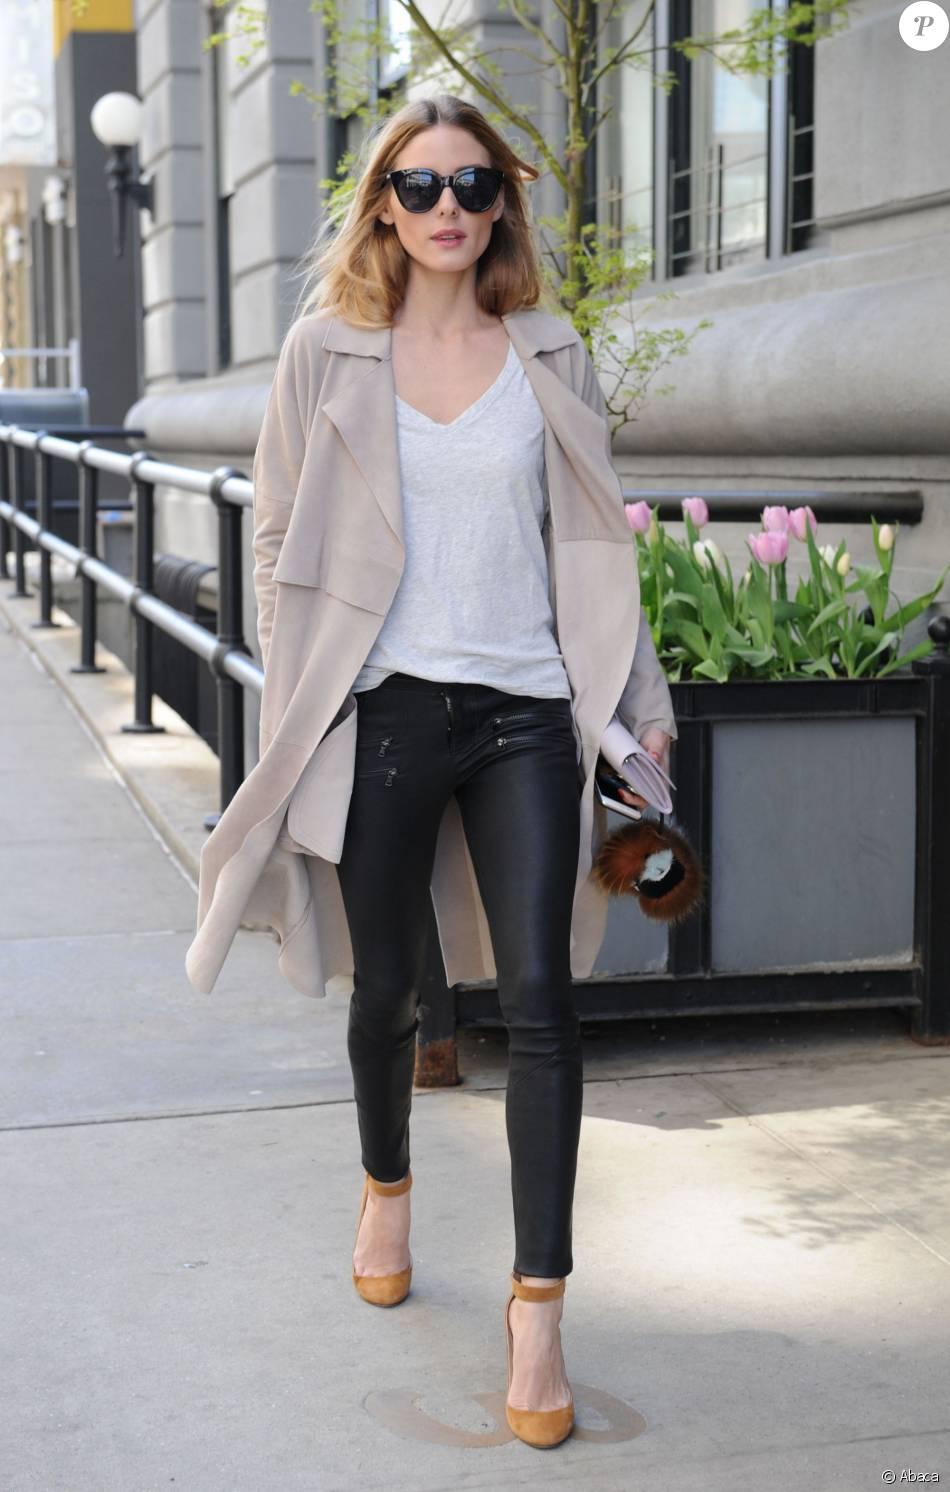 Olivia Palermo de sortie à New York, porte des lunettes de soleil Le Specs,  un pantalon PAIGE® et des sandales Jimmy Choo. Le 19 avril 2016. edca52cb4b9a